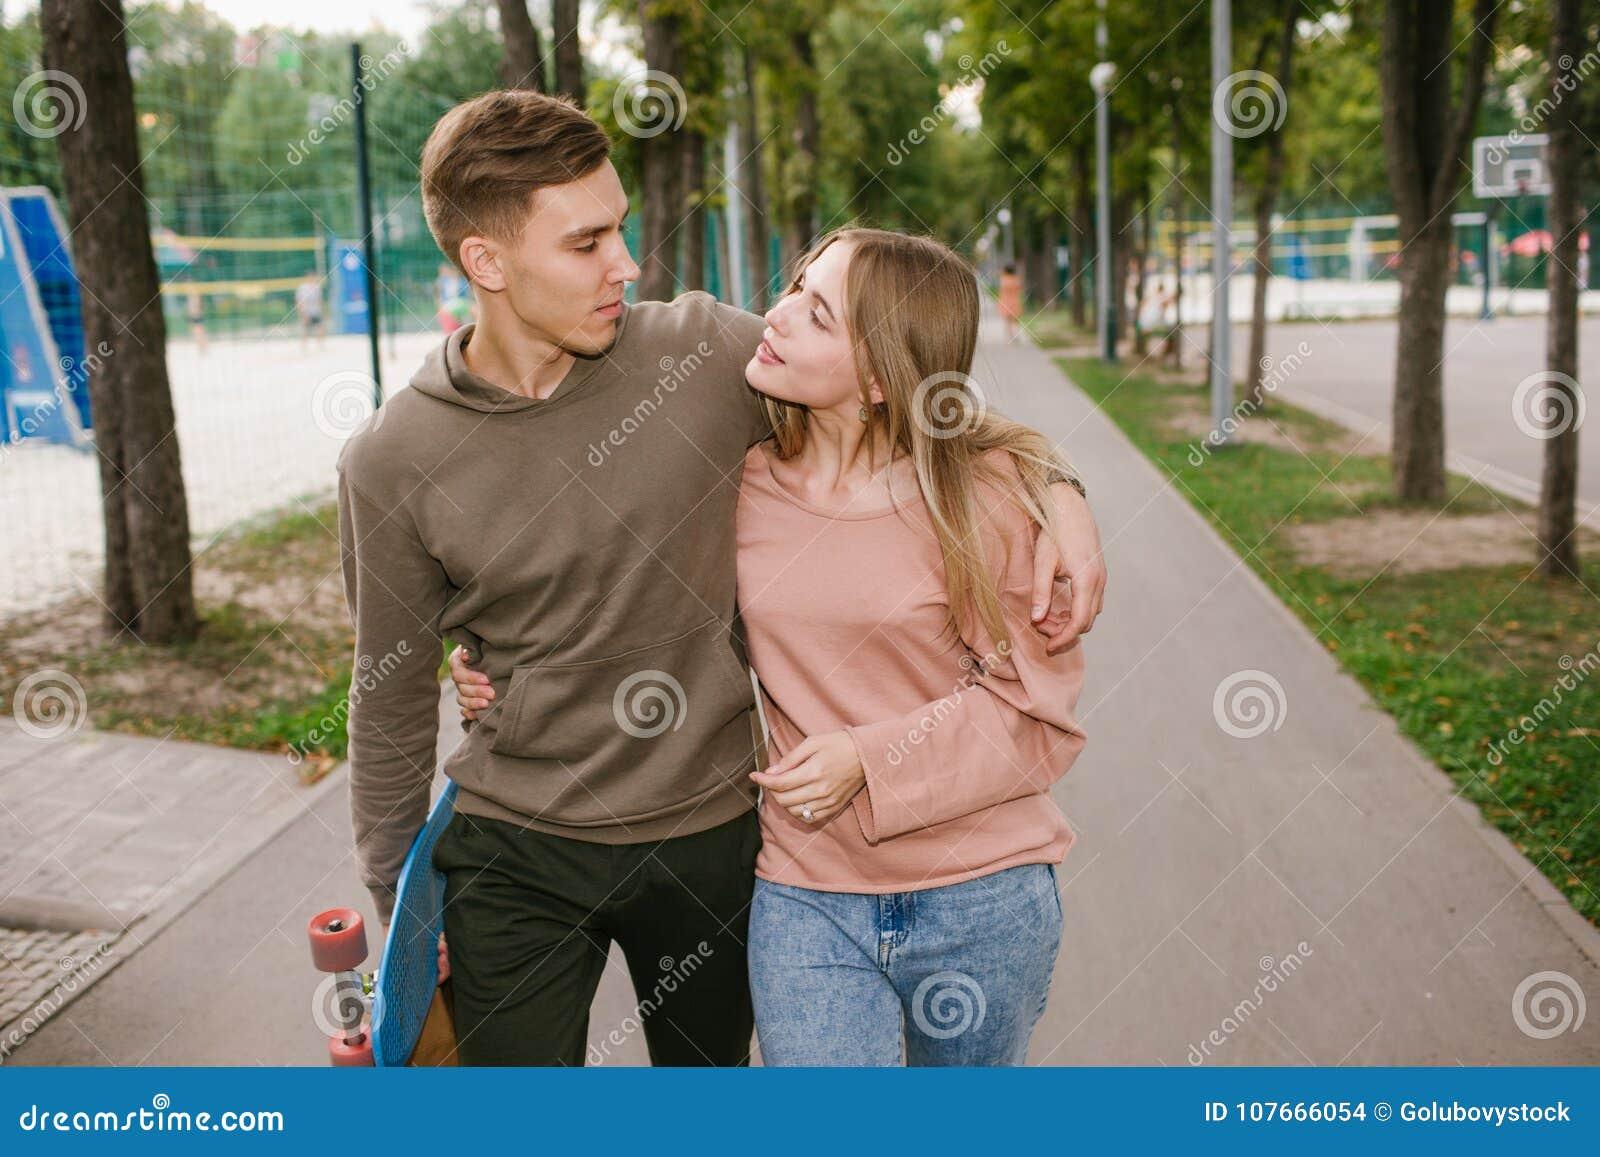 dating teenager austin og allierede dating spil